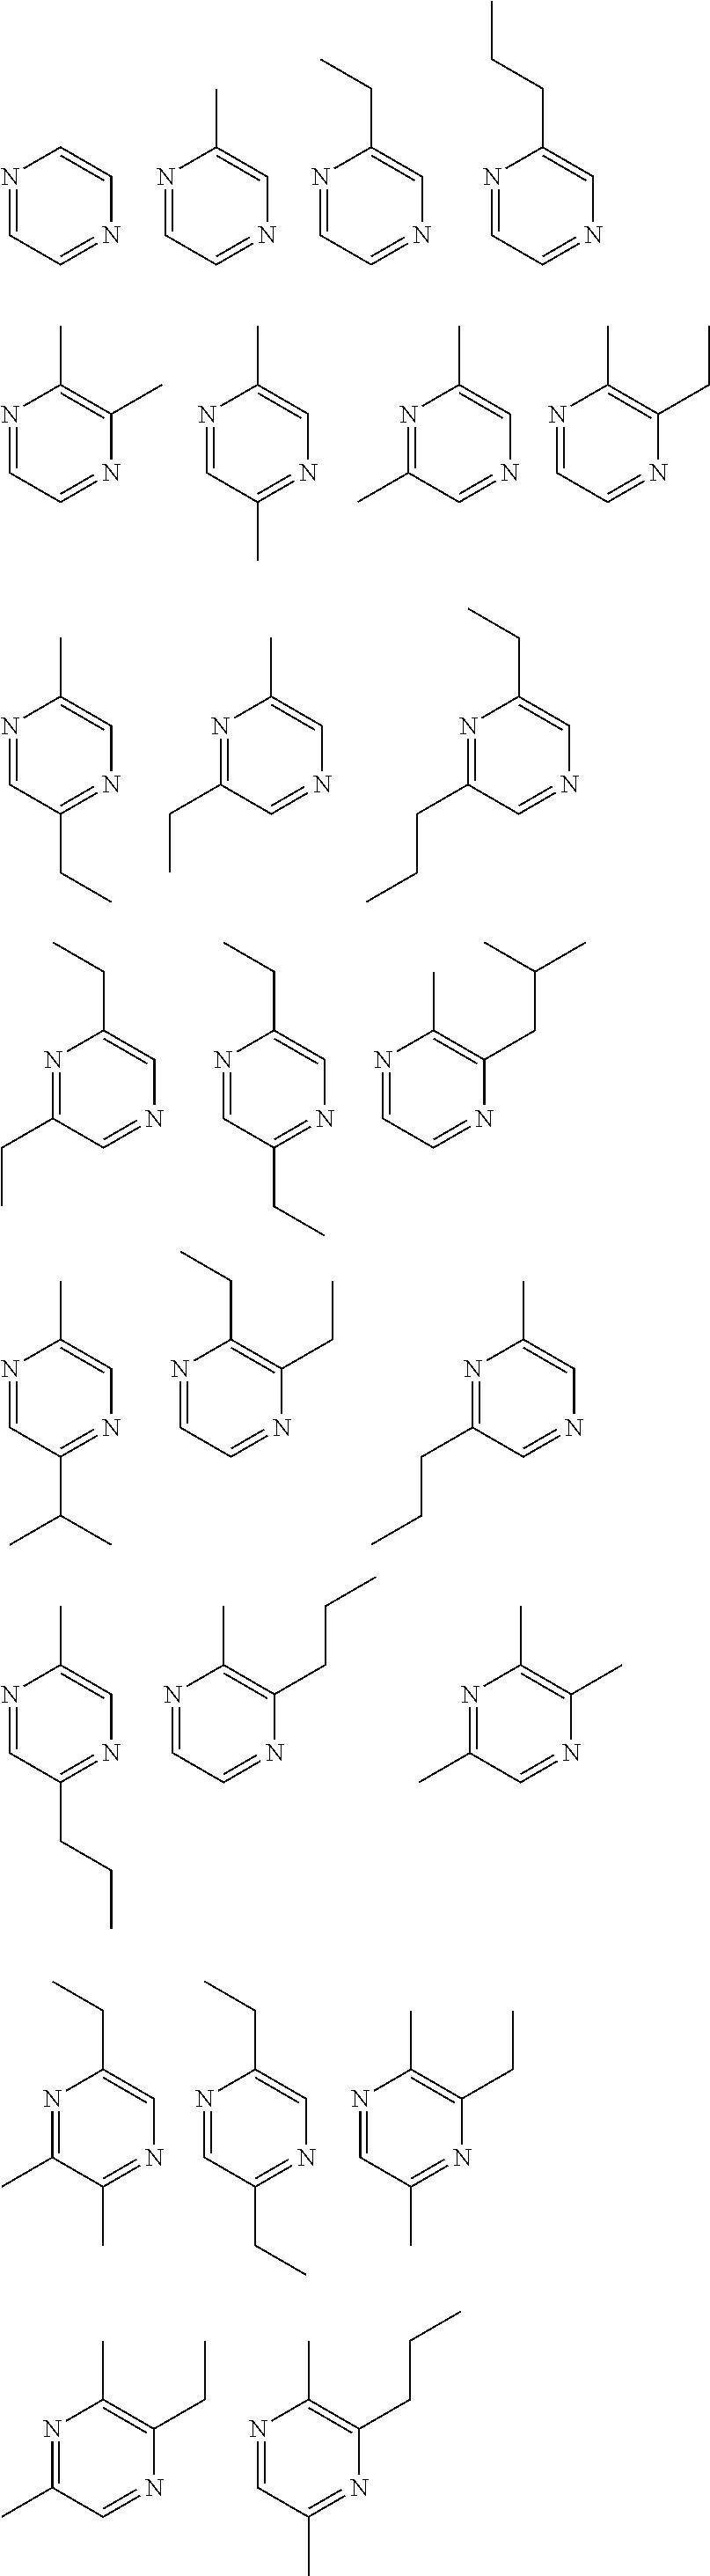 Figure US09962344-20180508-C00022